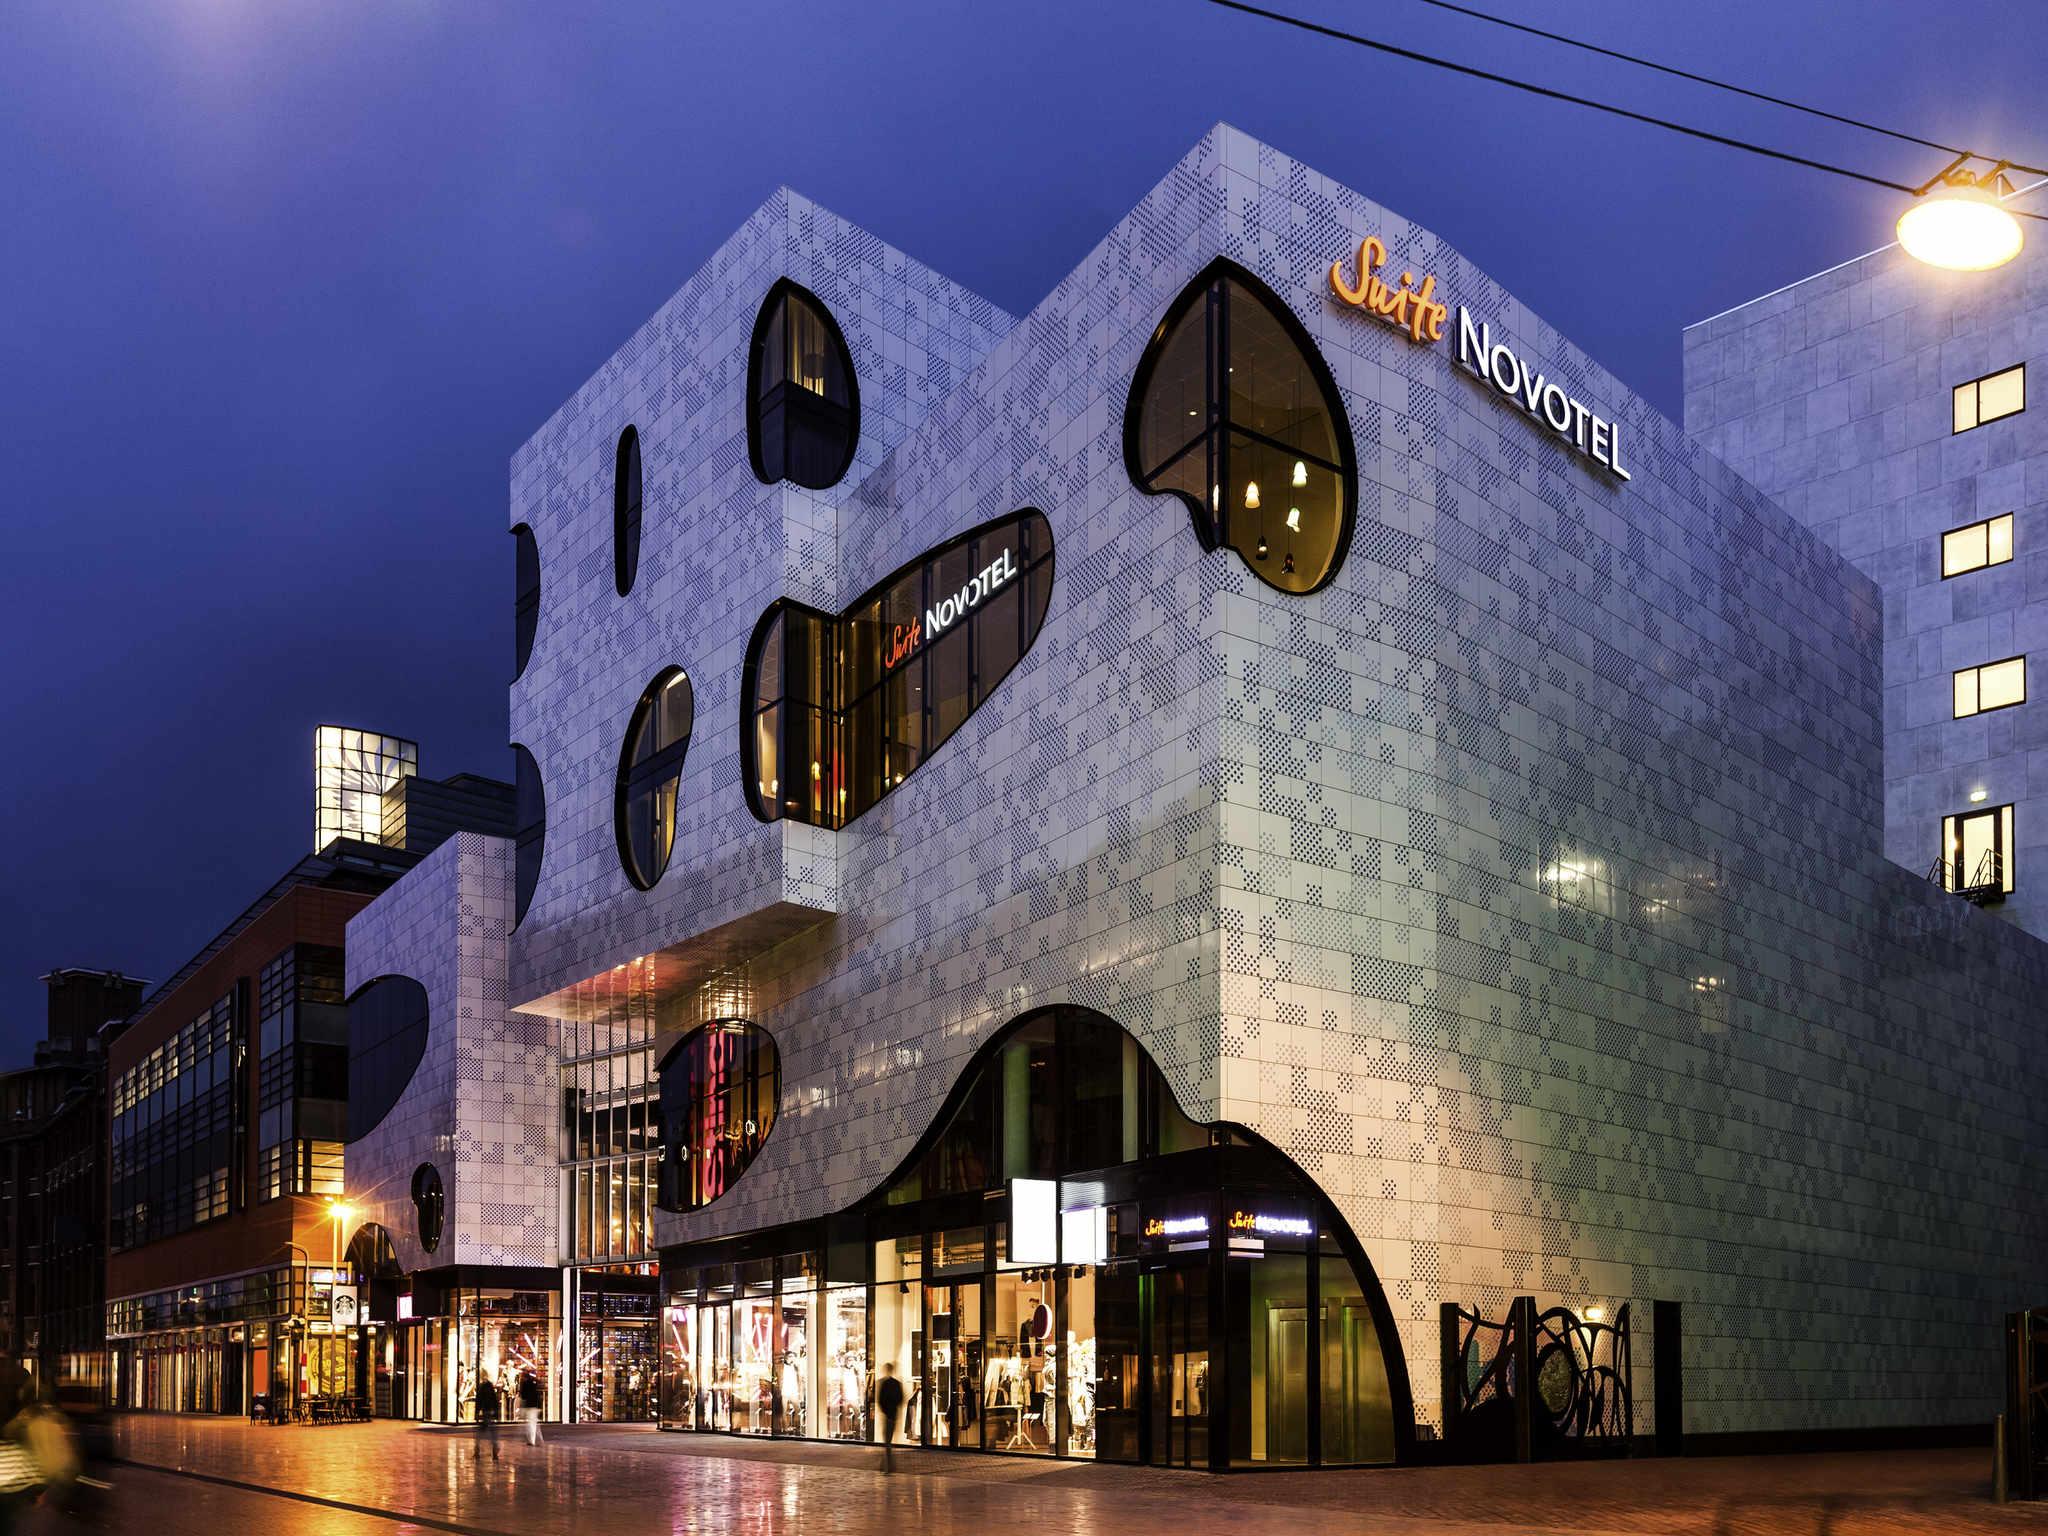 โรงแรม – โนโวเทลสวีทส์ เดนฮาก ซิตี้ เซ็นเตอร์